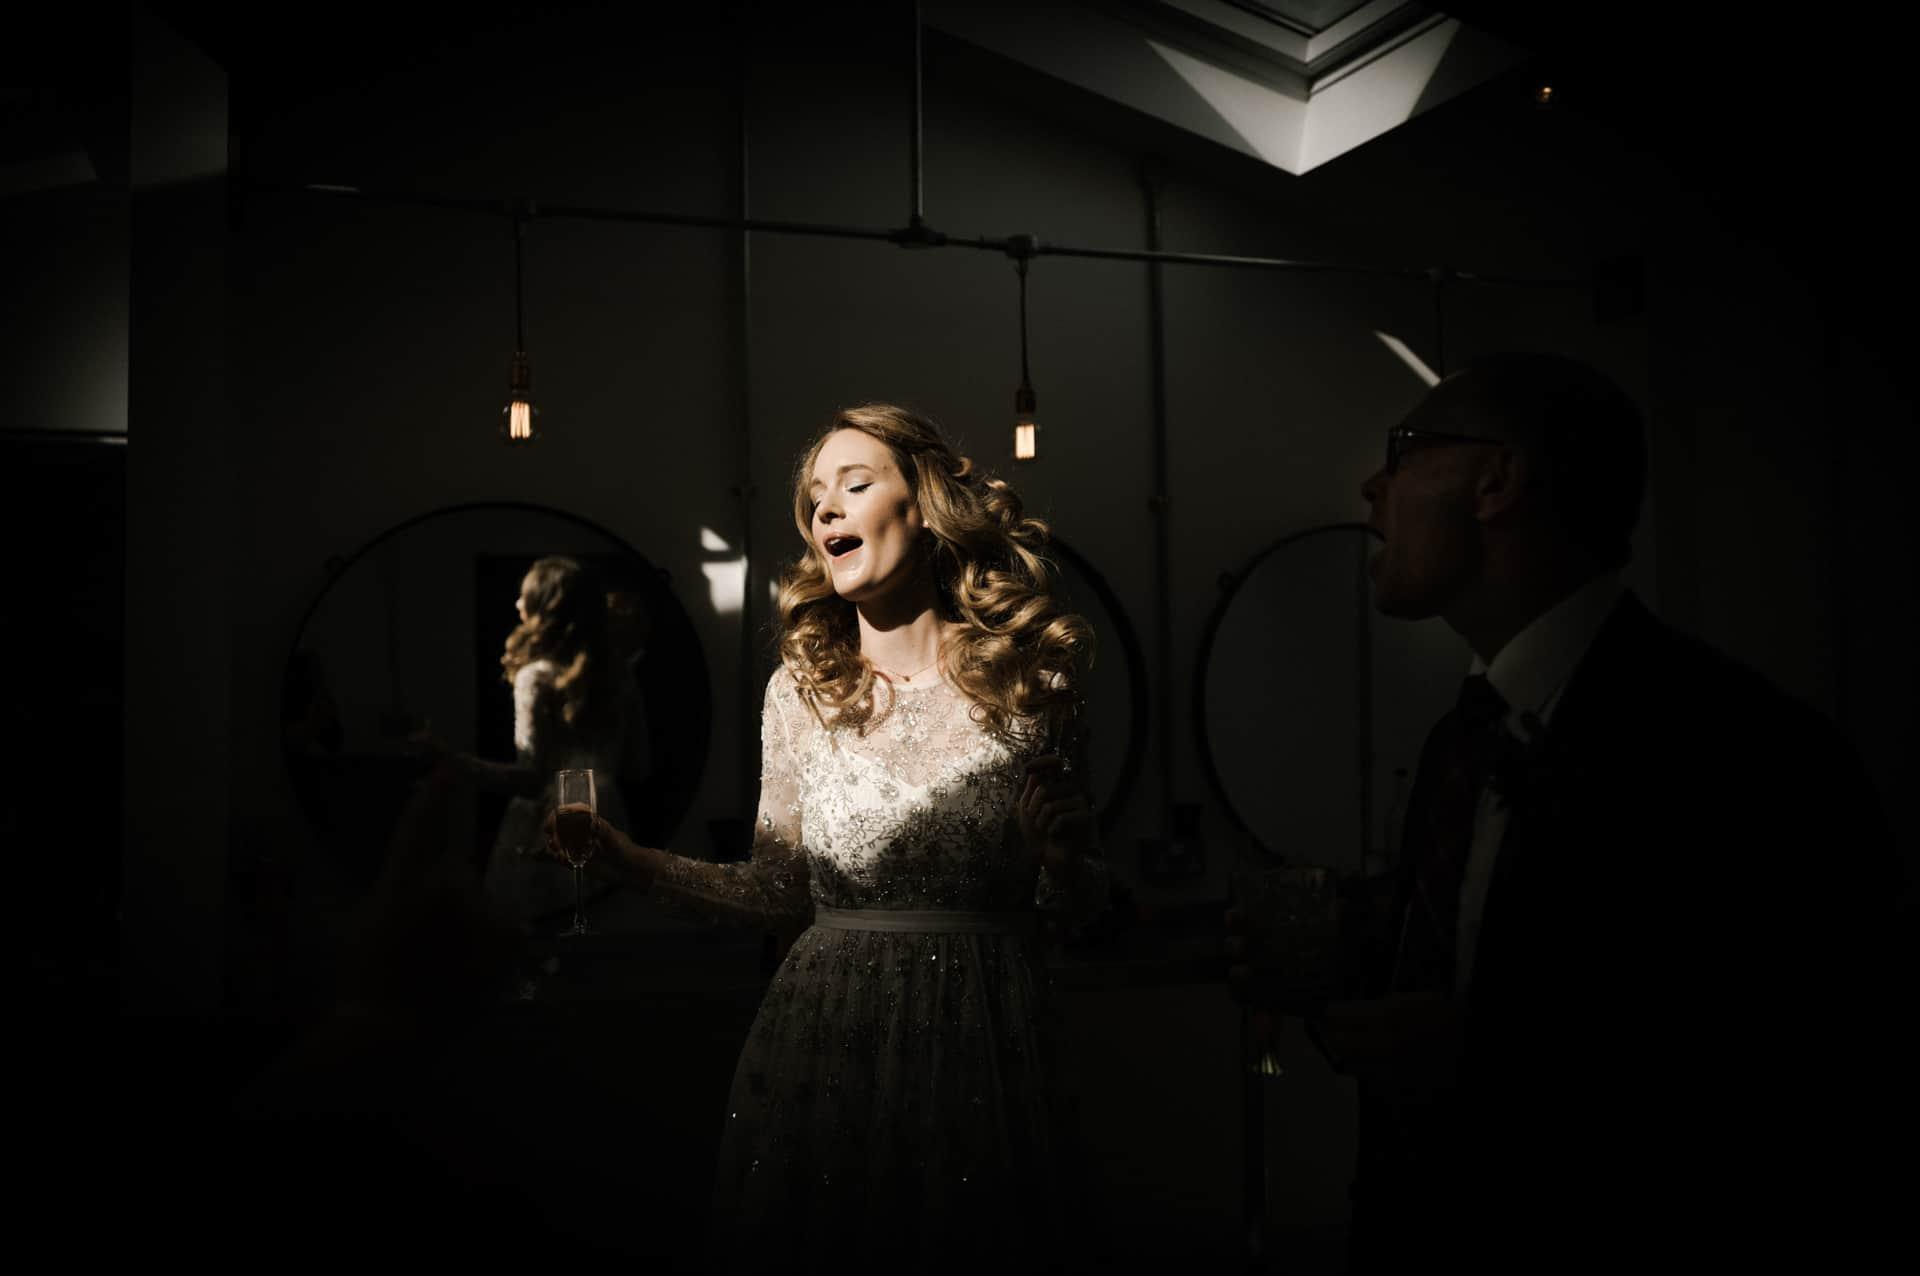 Bride dancing in the light